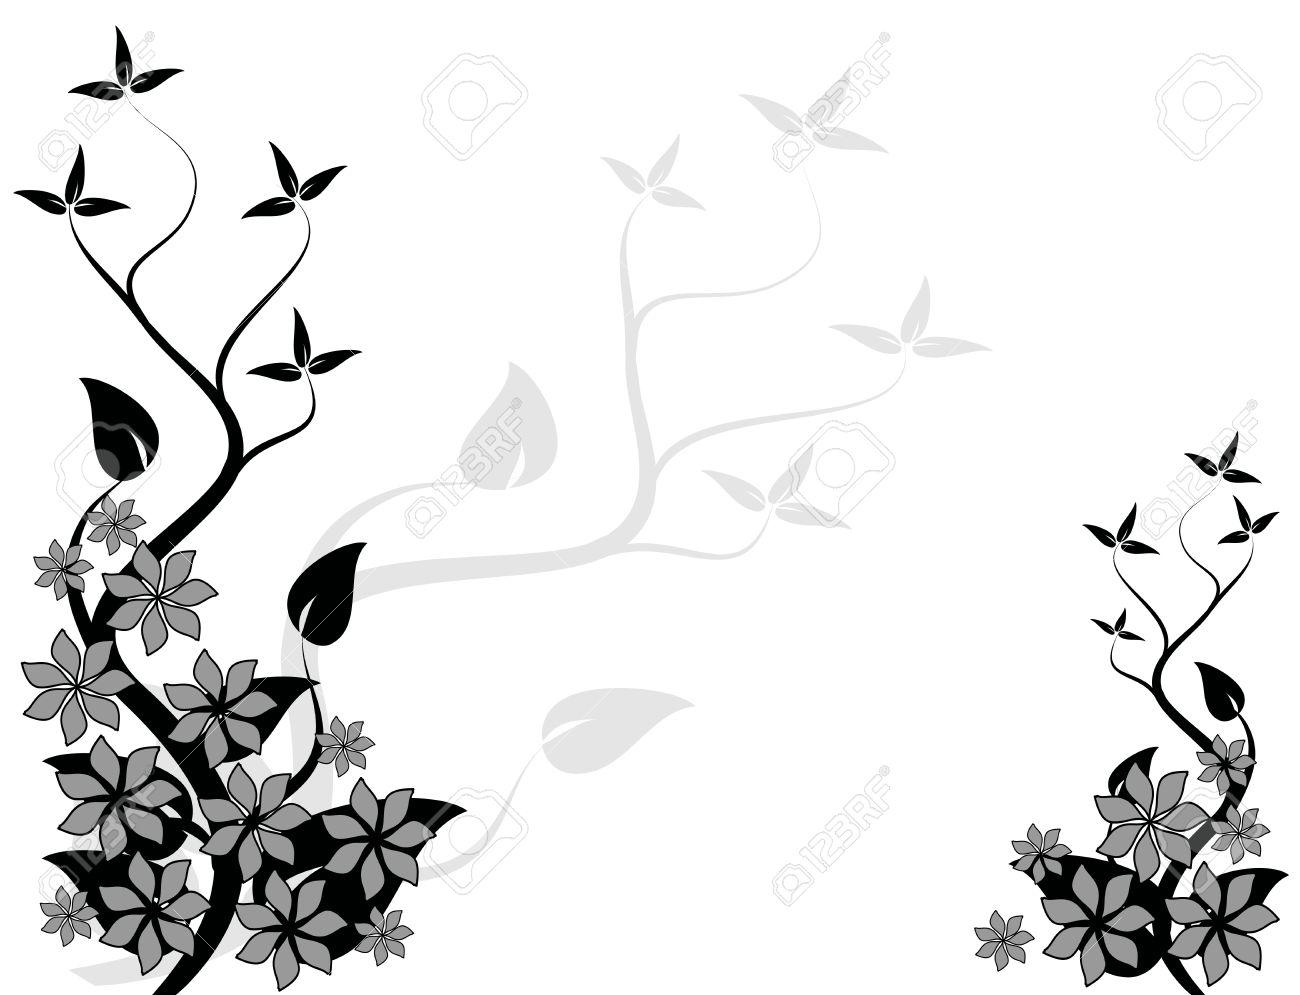 un résumé design floral noir et blanc avec un arbre stylisé sur la banque d images un résumé design floral noir et blanc avec un arbre stylisé sur la gauche avec la salle pour le texte